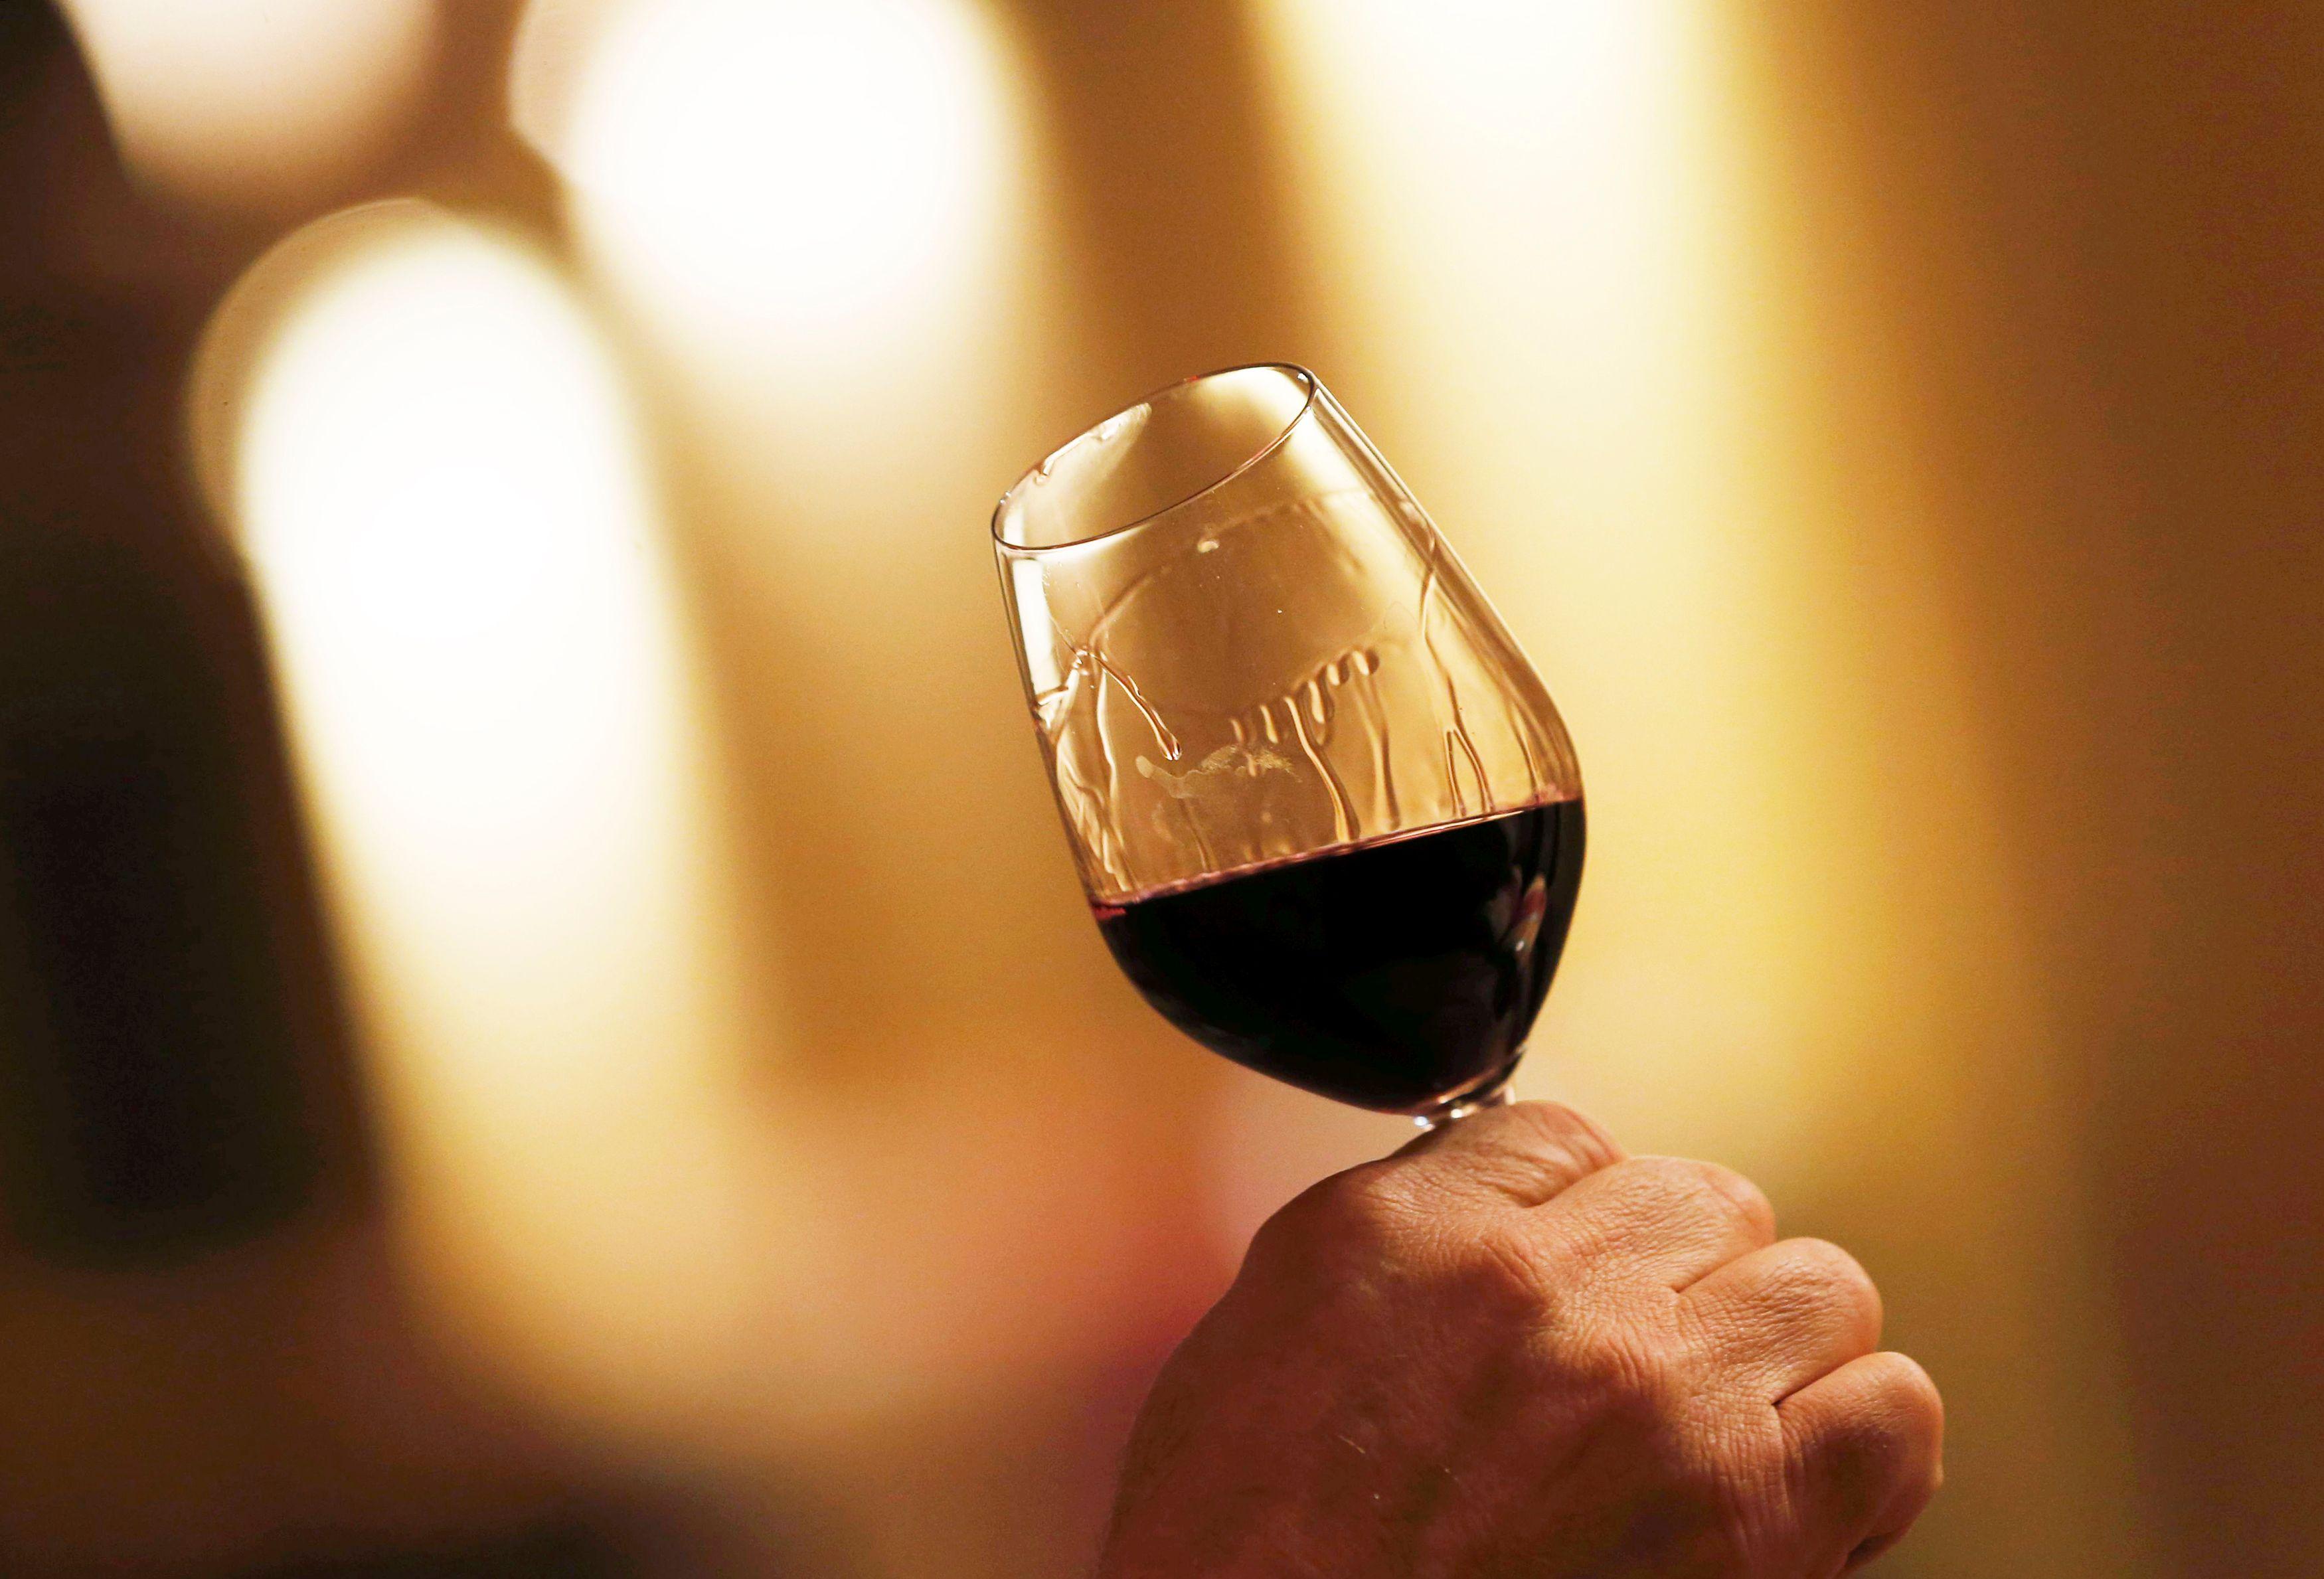 4 astuces pour choisir une bouteille au restaurant sans se noyer dans l'angoisse de la carte des vins